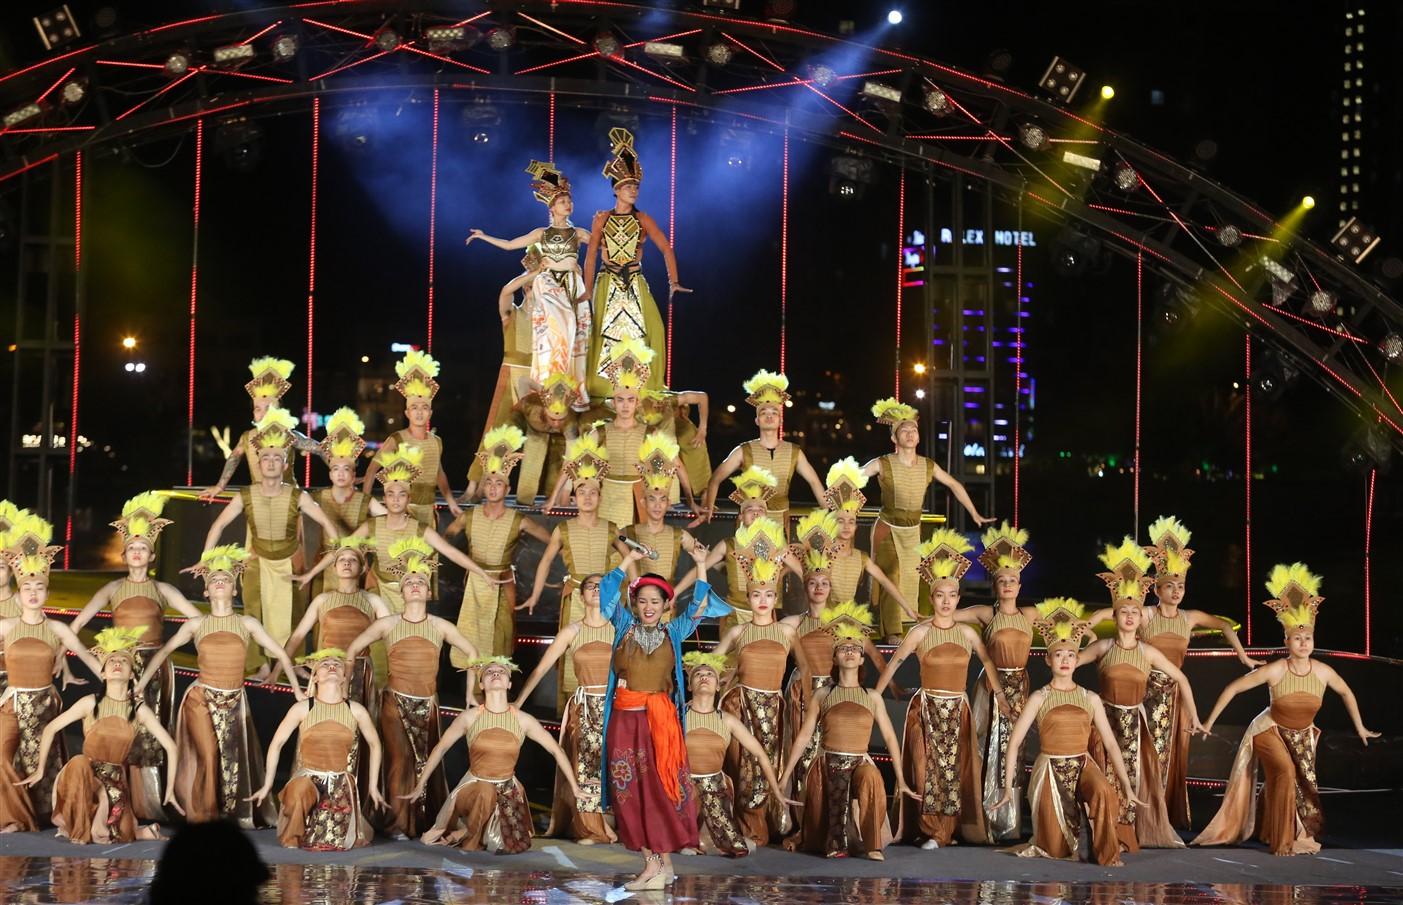 Lễ hội pháo hoa Quốc tế Đà Nẵng 2018 đã sẵn sàng cho đêm khai mạc 3